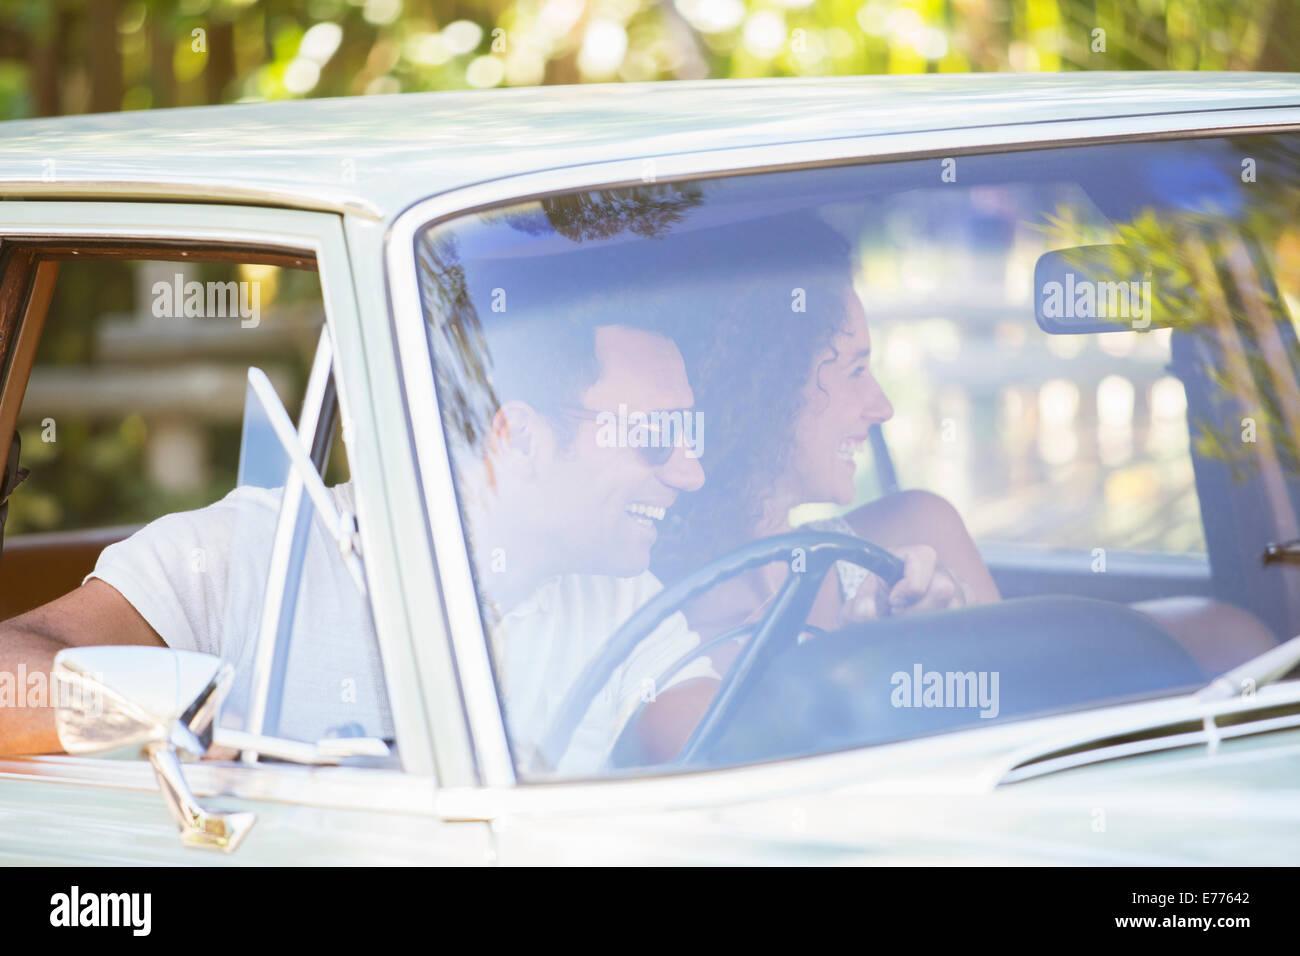 Couple enjoying car ride on sunny day - Stock Image